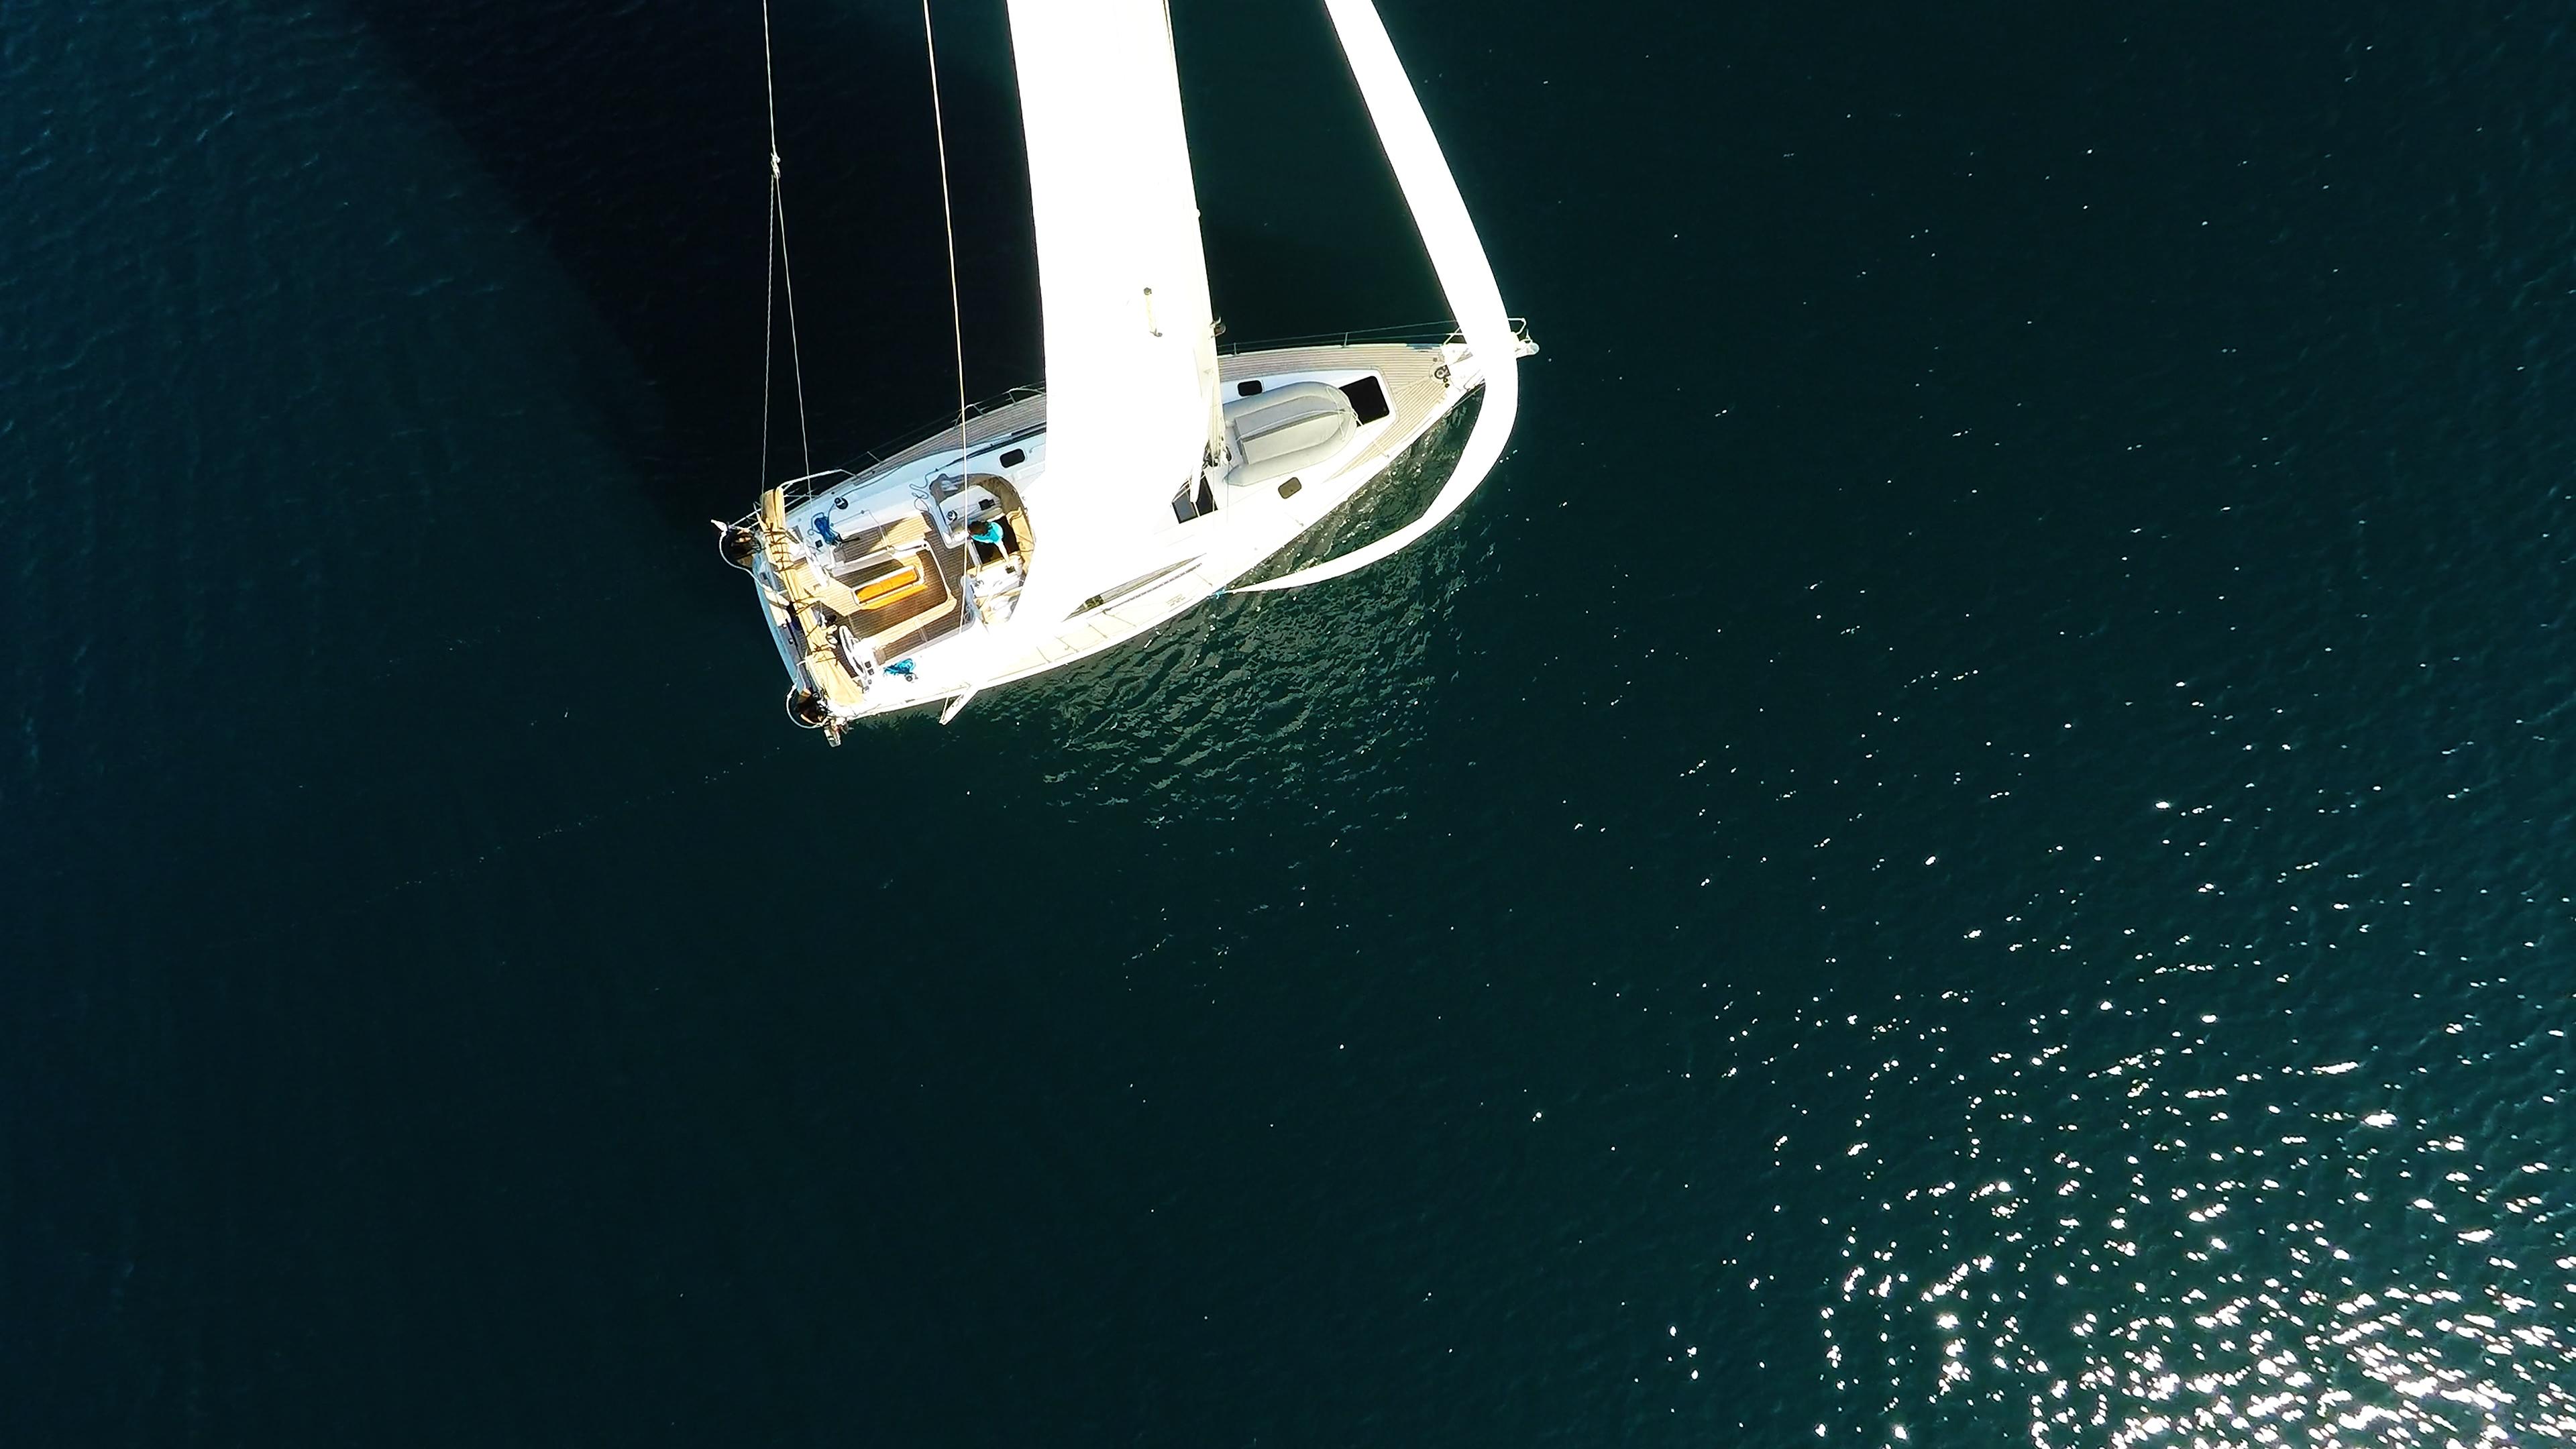 bateau à voile vue d'oimeru voiles bateau à voile voilier